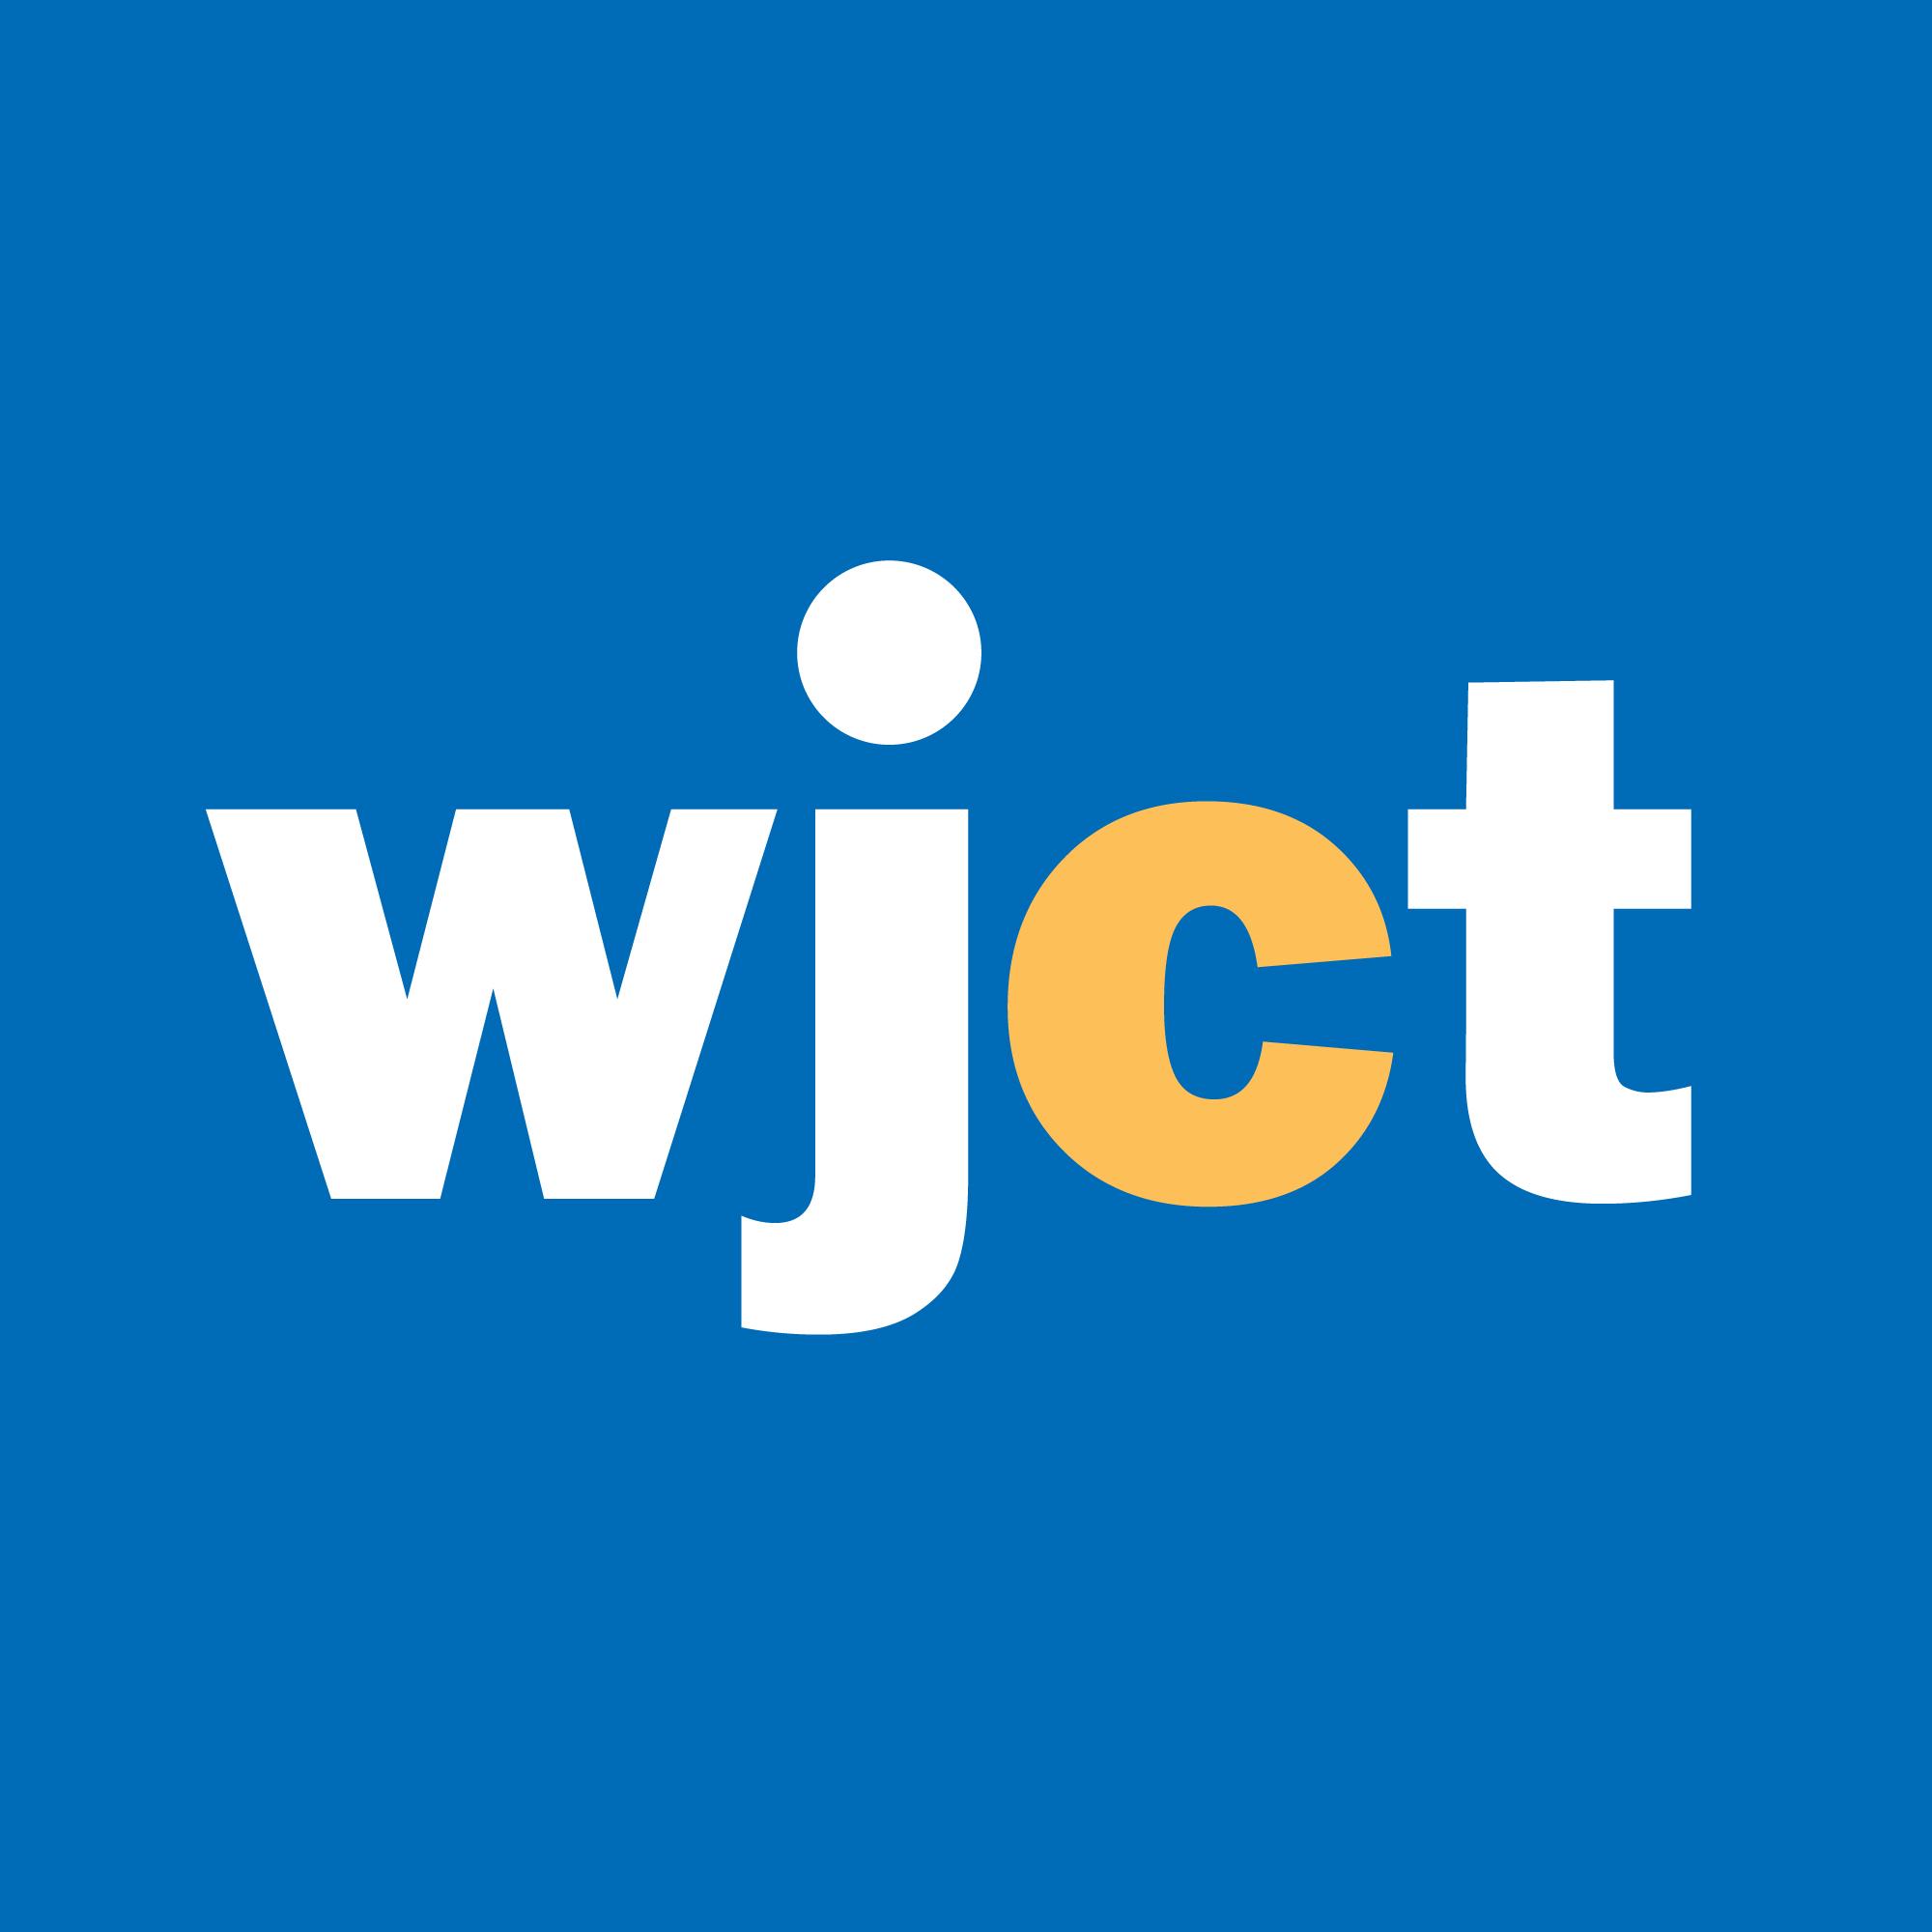 WJCT logo